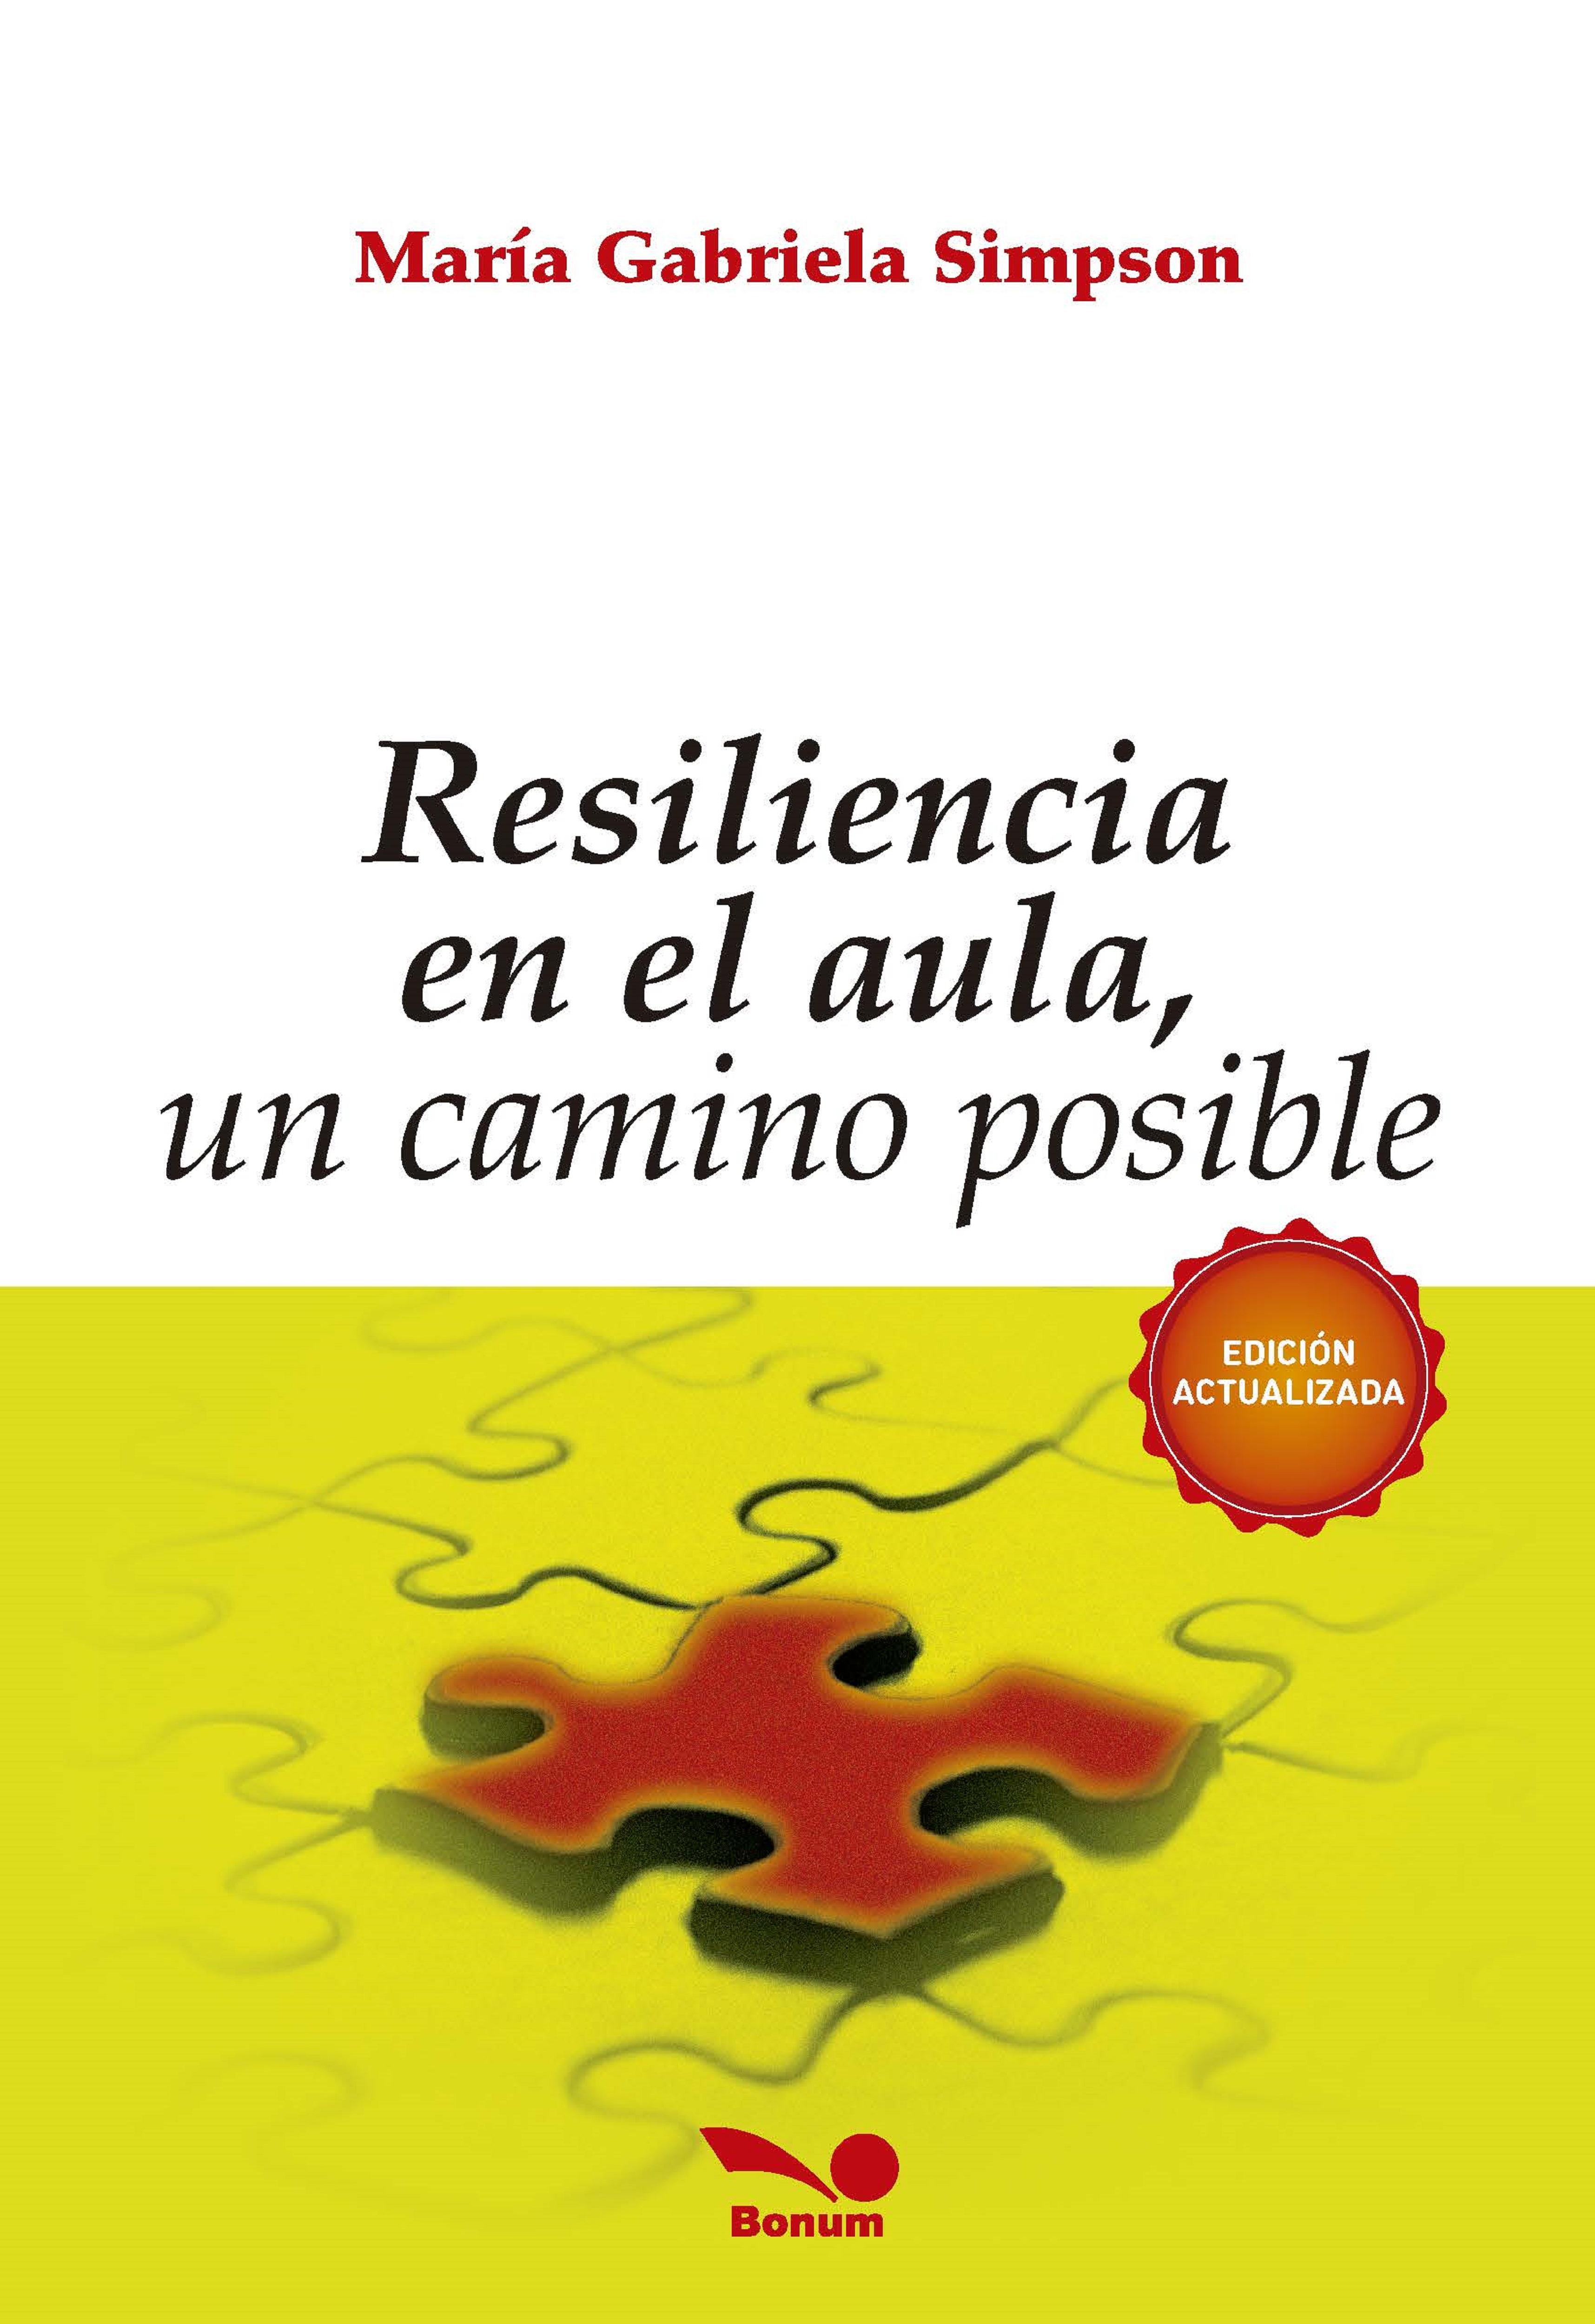 Resiliencia en el aula (Nuevo)